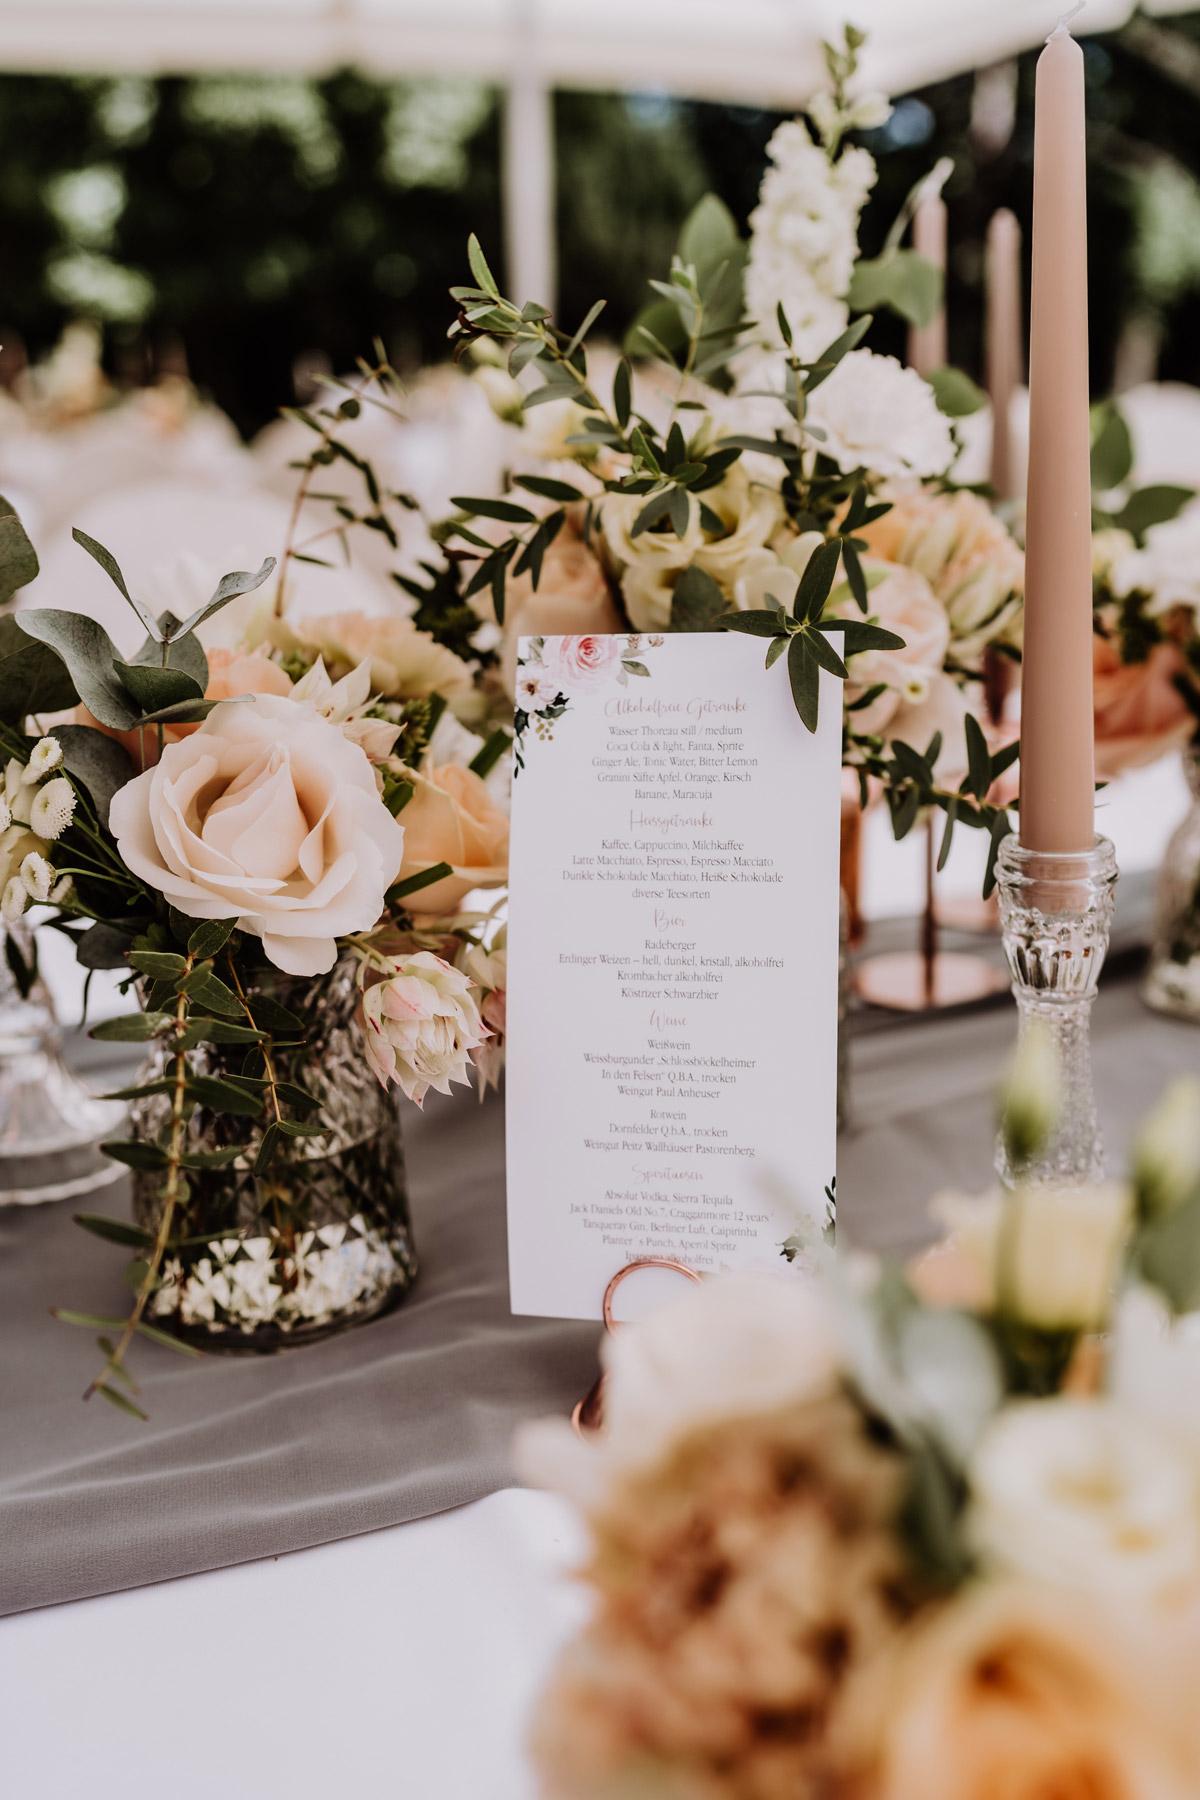 Hochzeit draußen Deko Tische in Kupfer, Grau mit Rosen und Eukalyptus von Standesamt Hochzeit auf Schloss Kartzow #Hochzeitsdeko von Hochzeitsfotograf Berlin © www.hochzeitslicht.de #hochzeitslicht